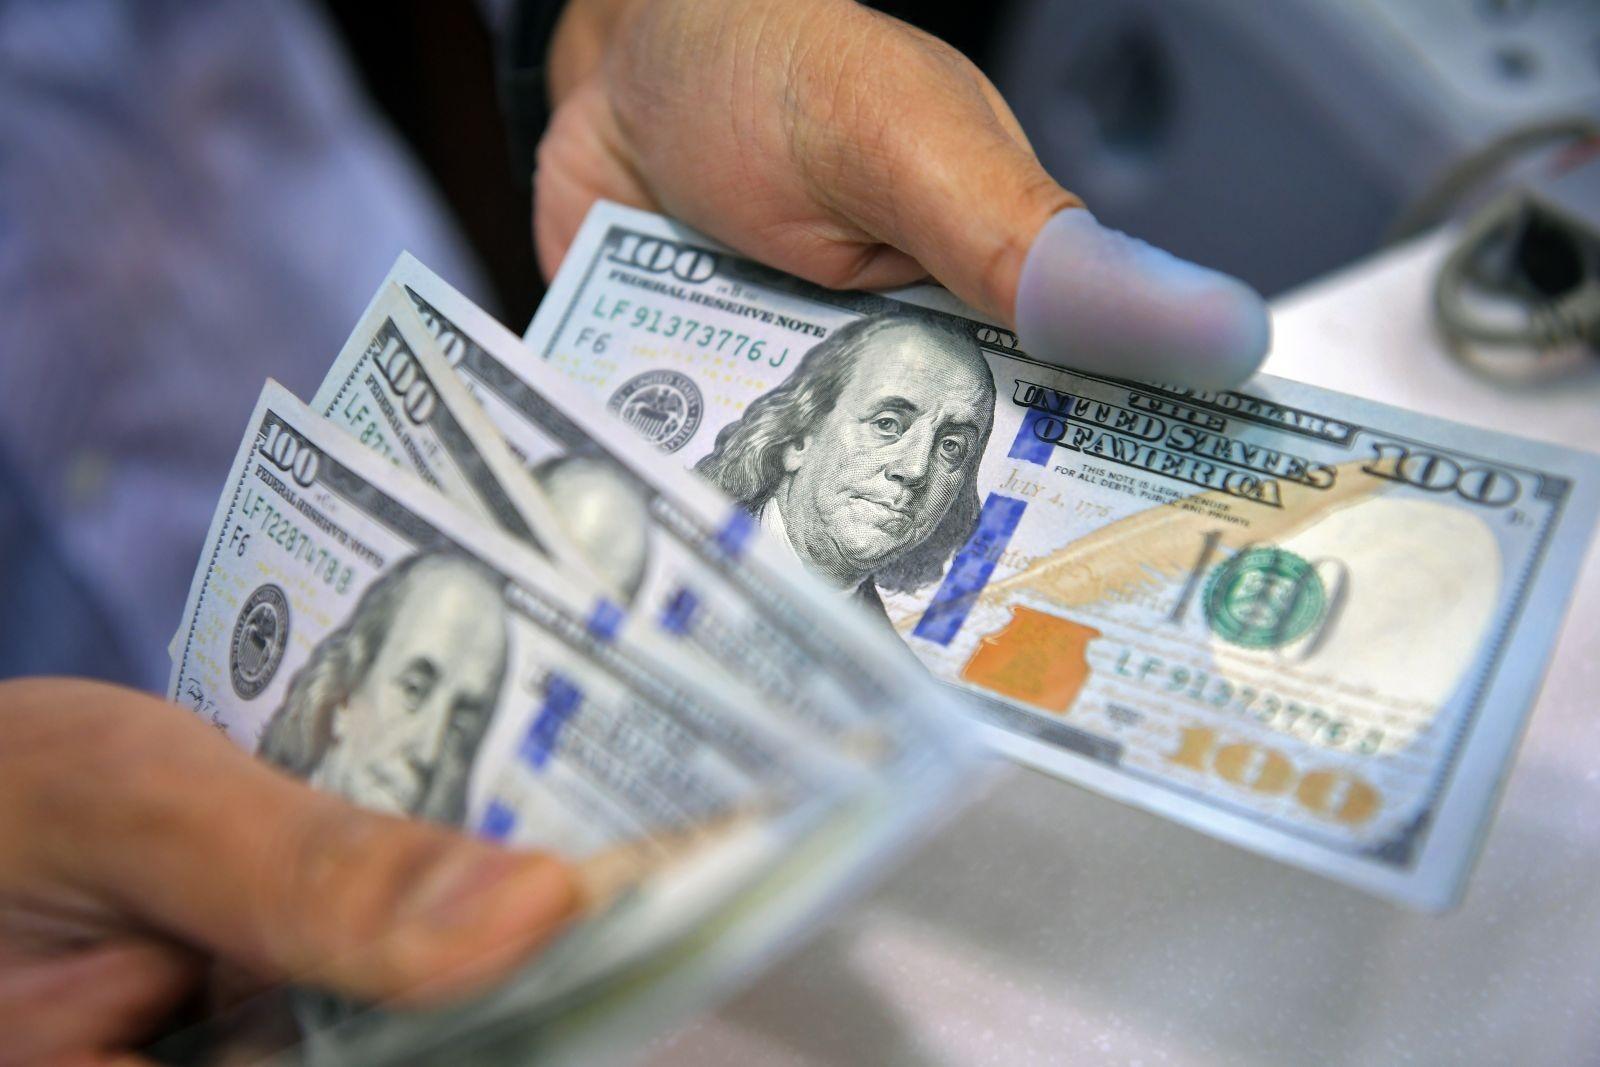 انخفاض قياسي جديد للدولار.. العملة الخضراء تسجل أقل سعر منذ التعويم